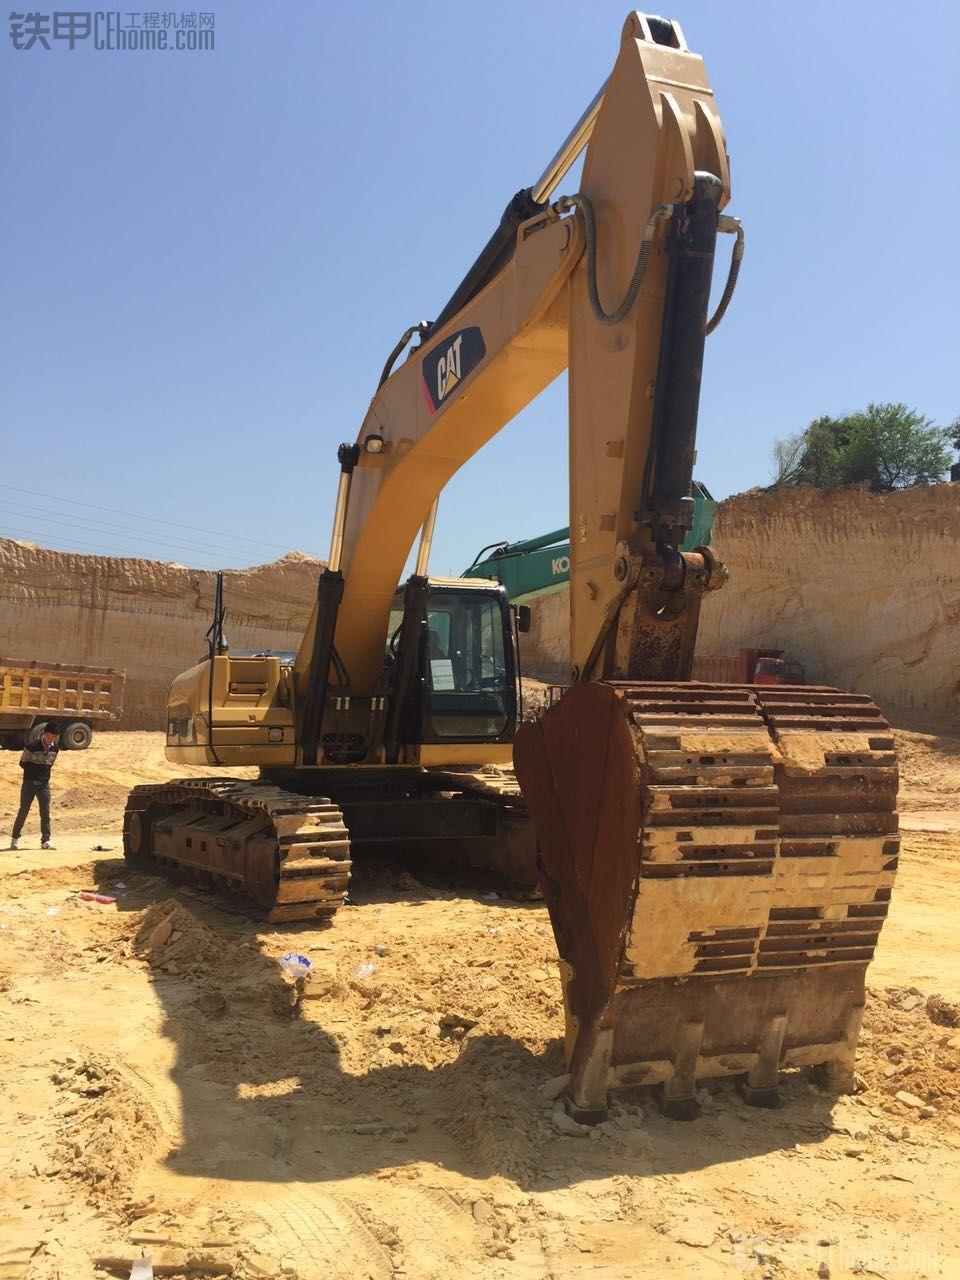 卡特彼勒 336D 二手挖掘机价格 139万 2000小时